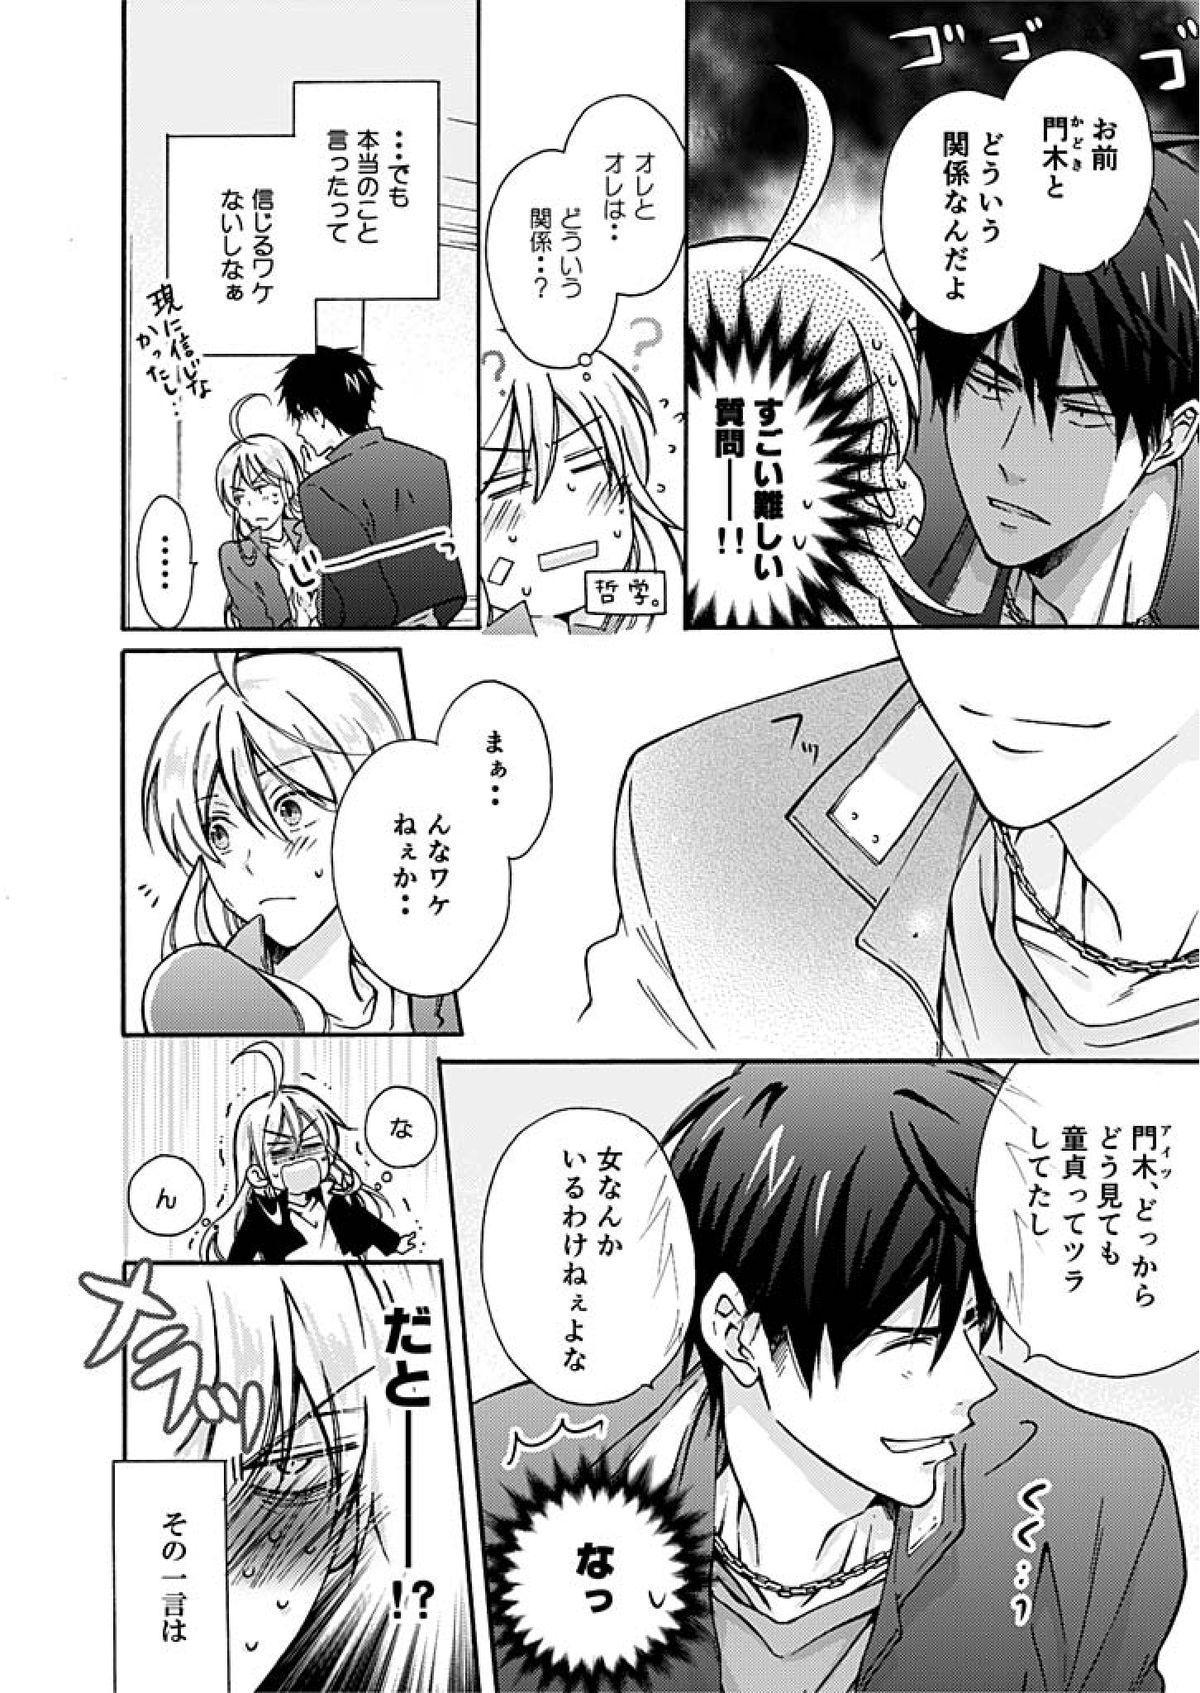 Nyotaika Yankee Gakuen ☆ Ore no Hajimete, Nerawaretemasu. 2 12